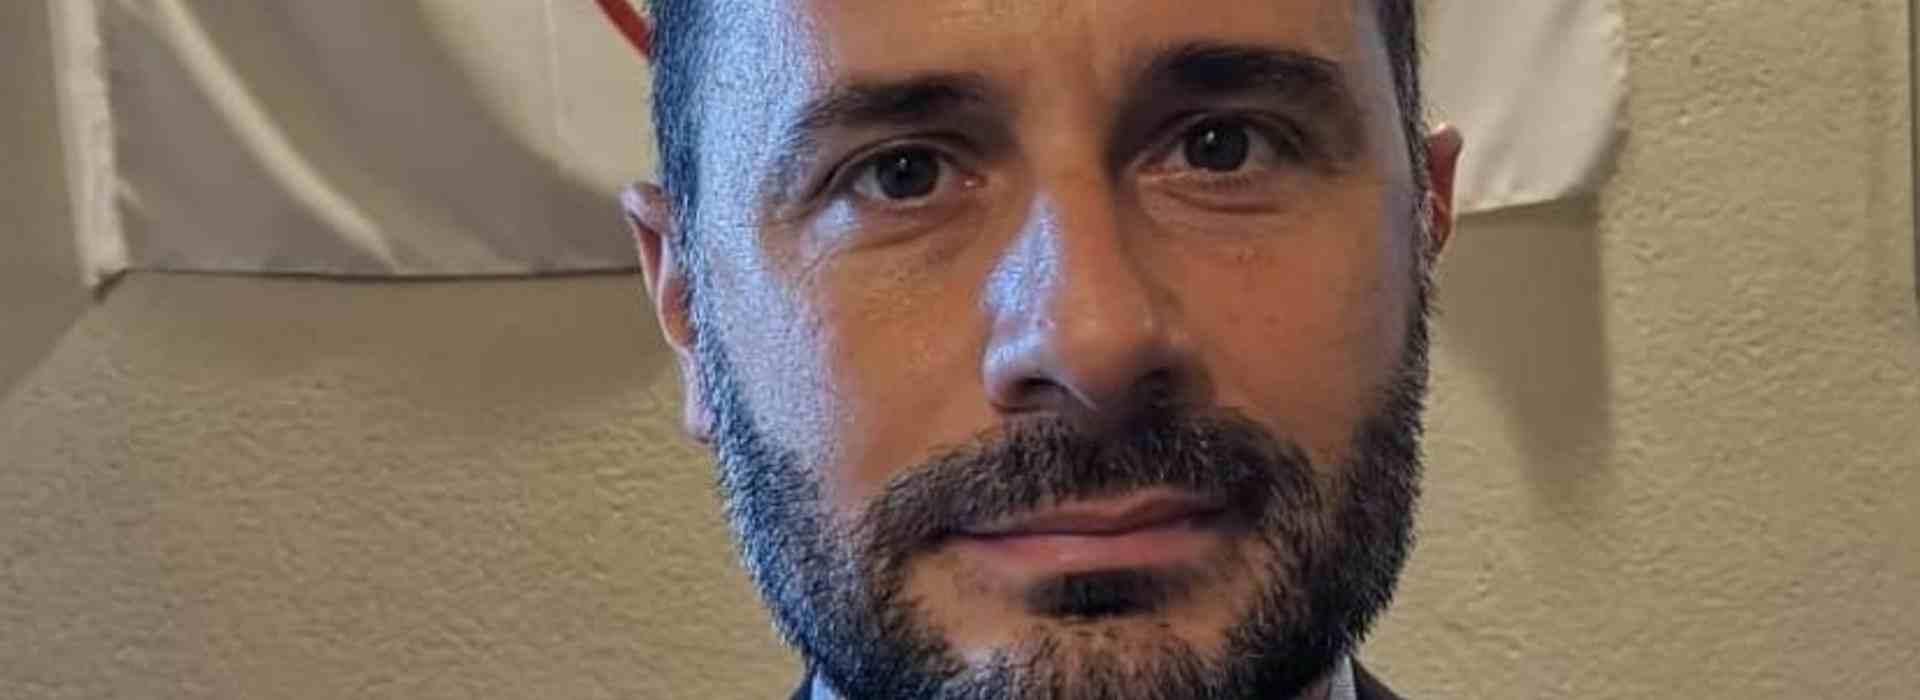 Nunzio Di Paola (M5S): il deputato siciliano che spendeva soldi durante il lockdown